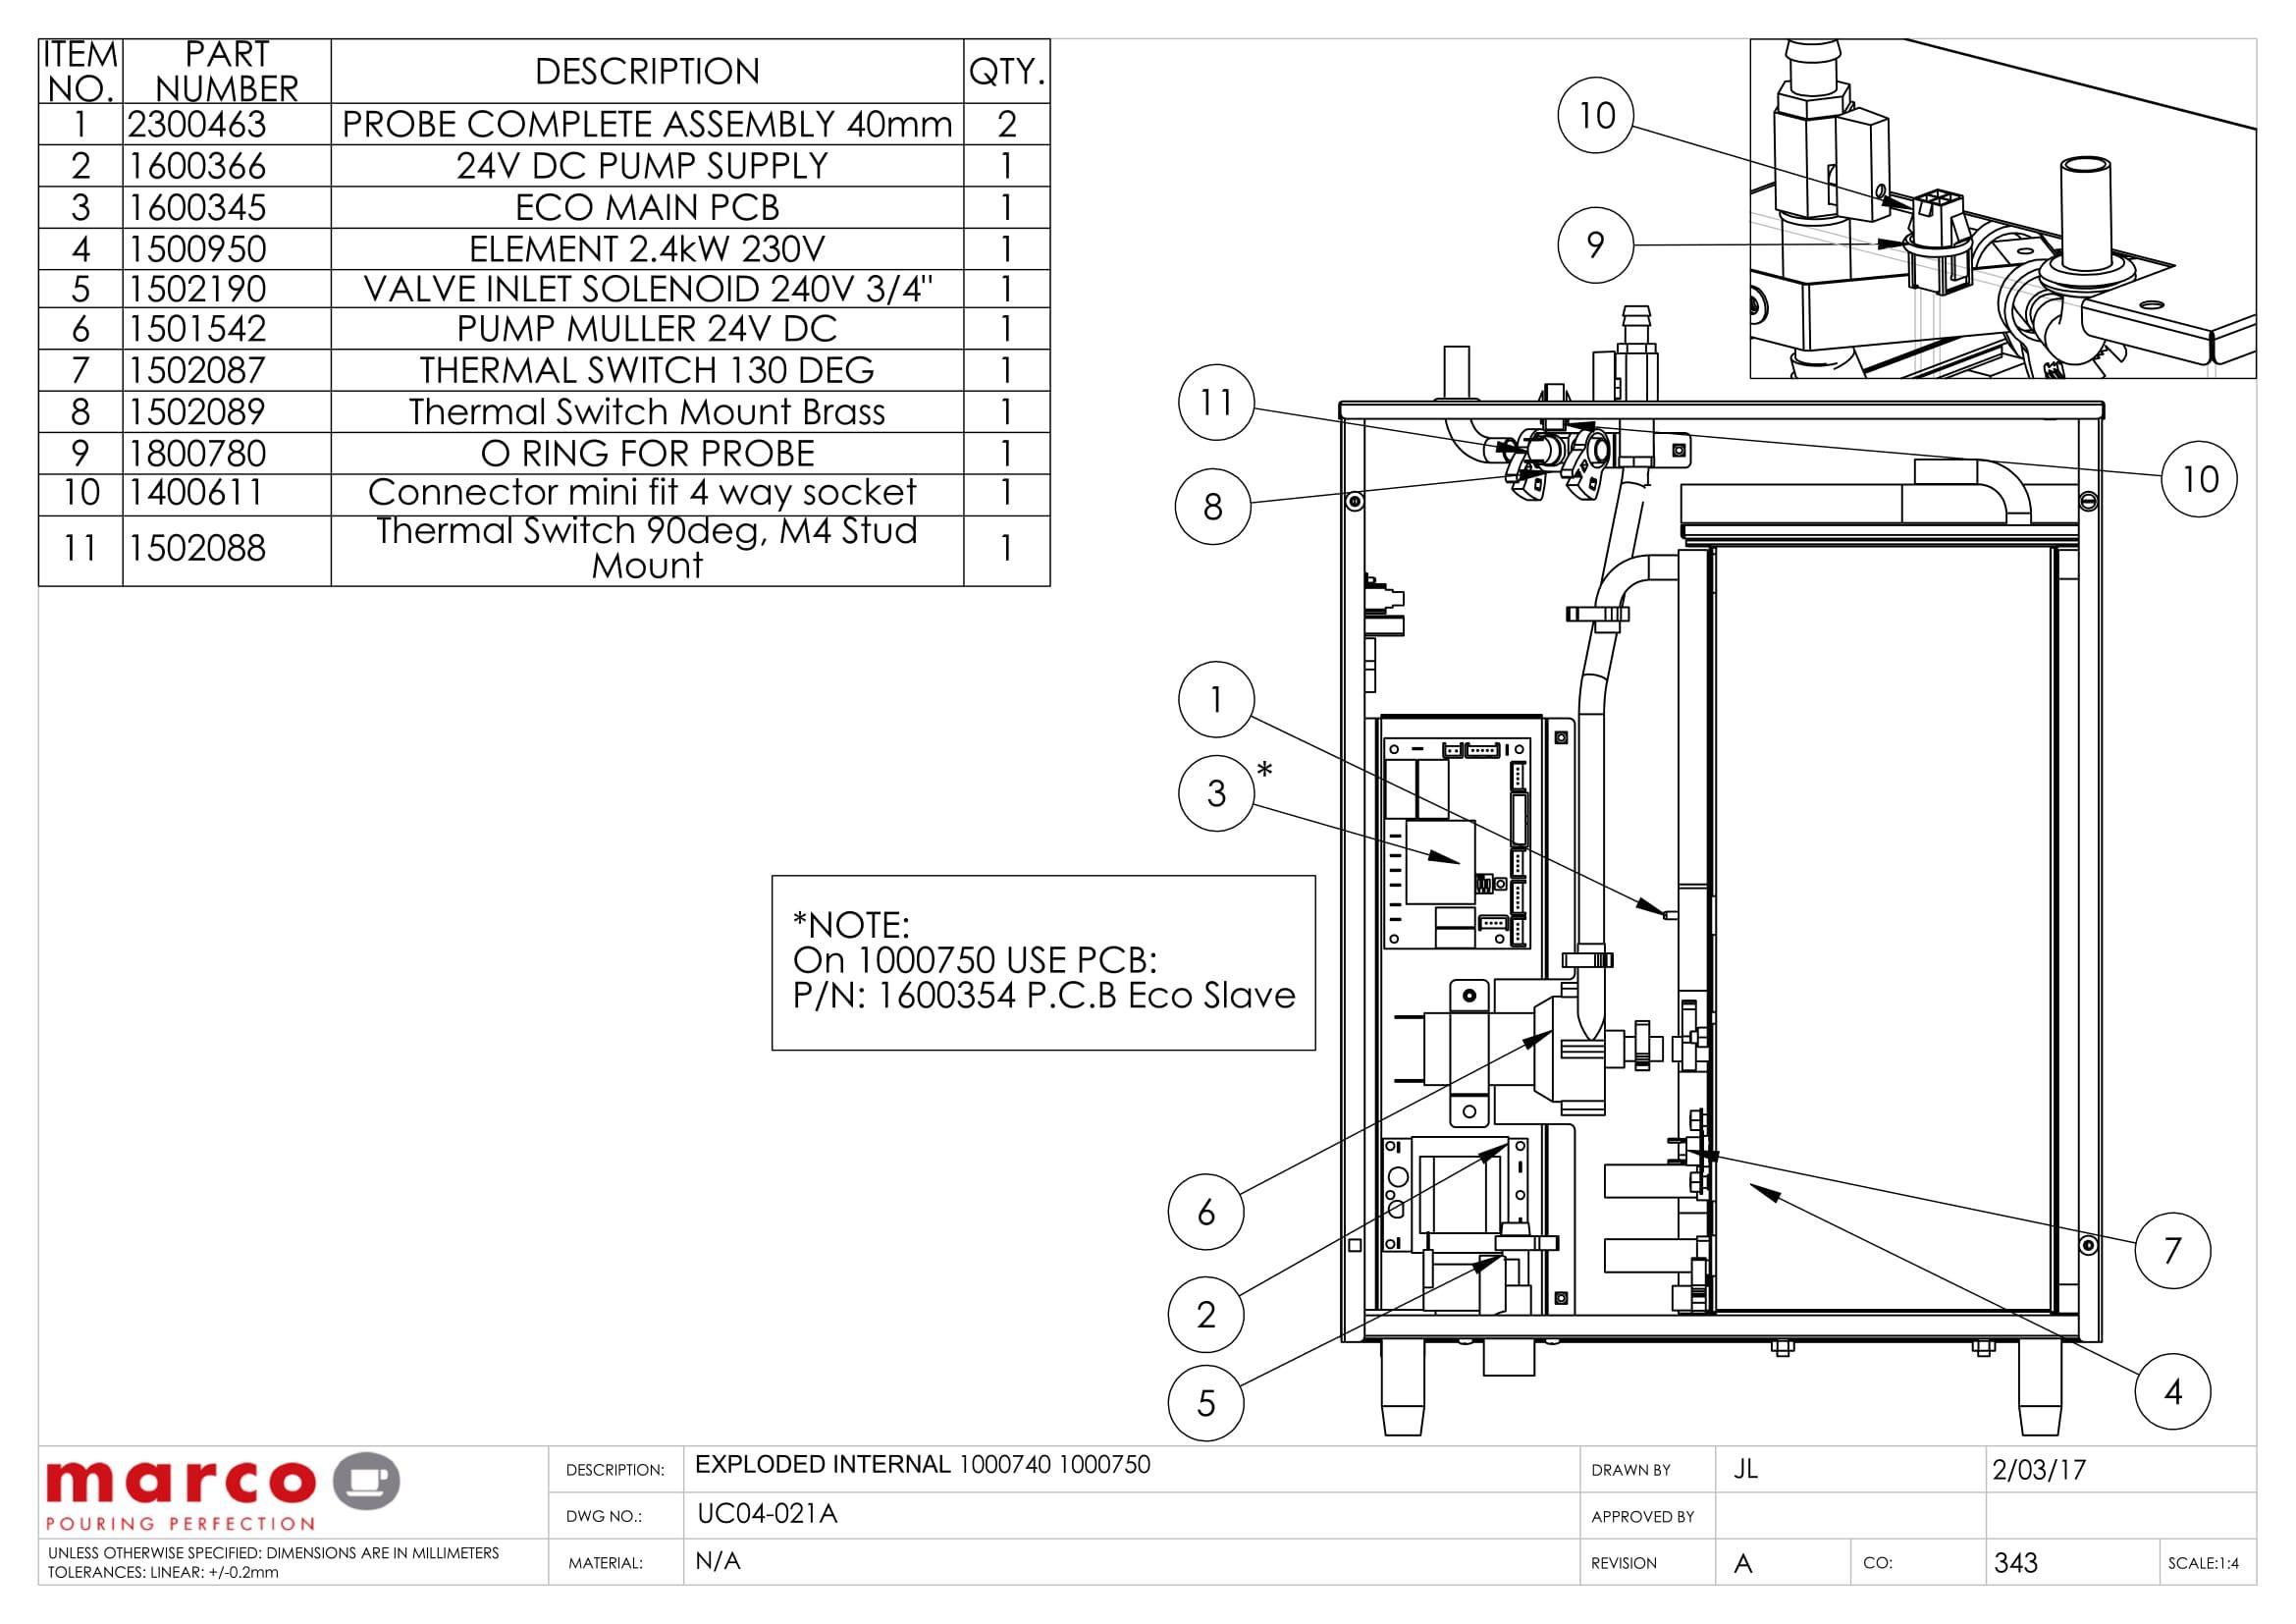 1969 mustang wiring diagram online 1976 mustang wiring diagram pro wiring diagram  1976 mustang wiring diagram pro